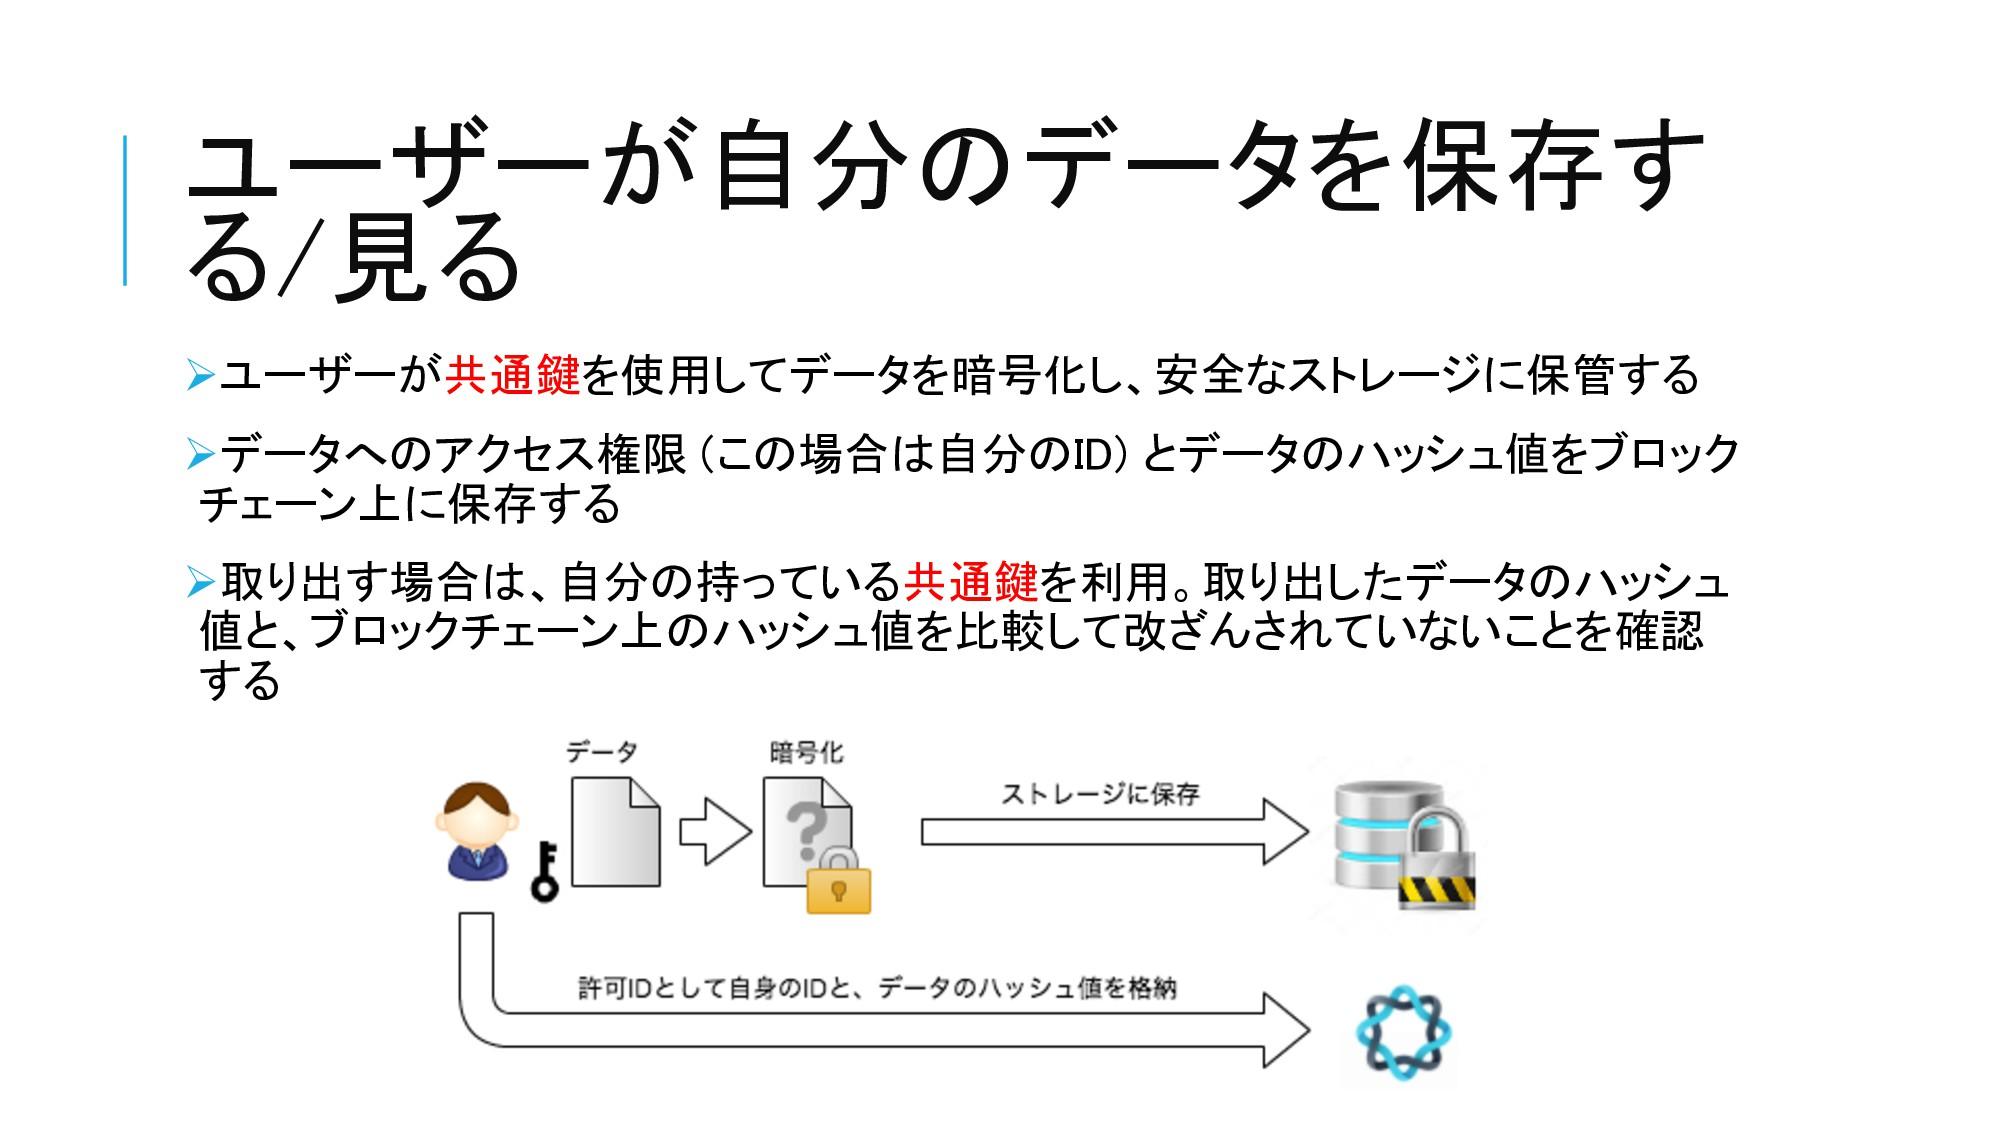 ユーザーが自分のデータを保存す る/見る Øユーザーが共通鍵を使用してデータを暗号化し、安全な...